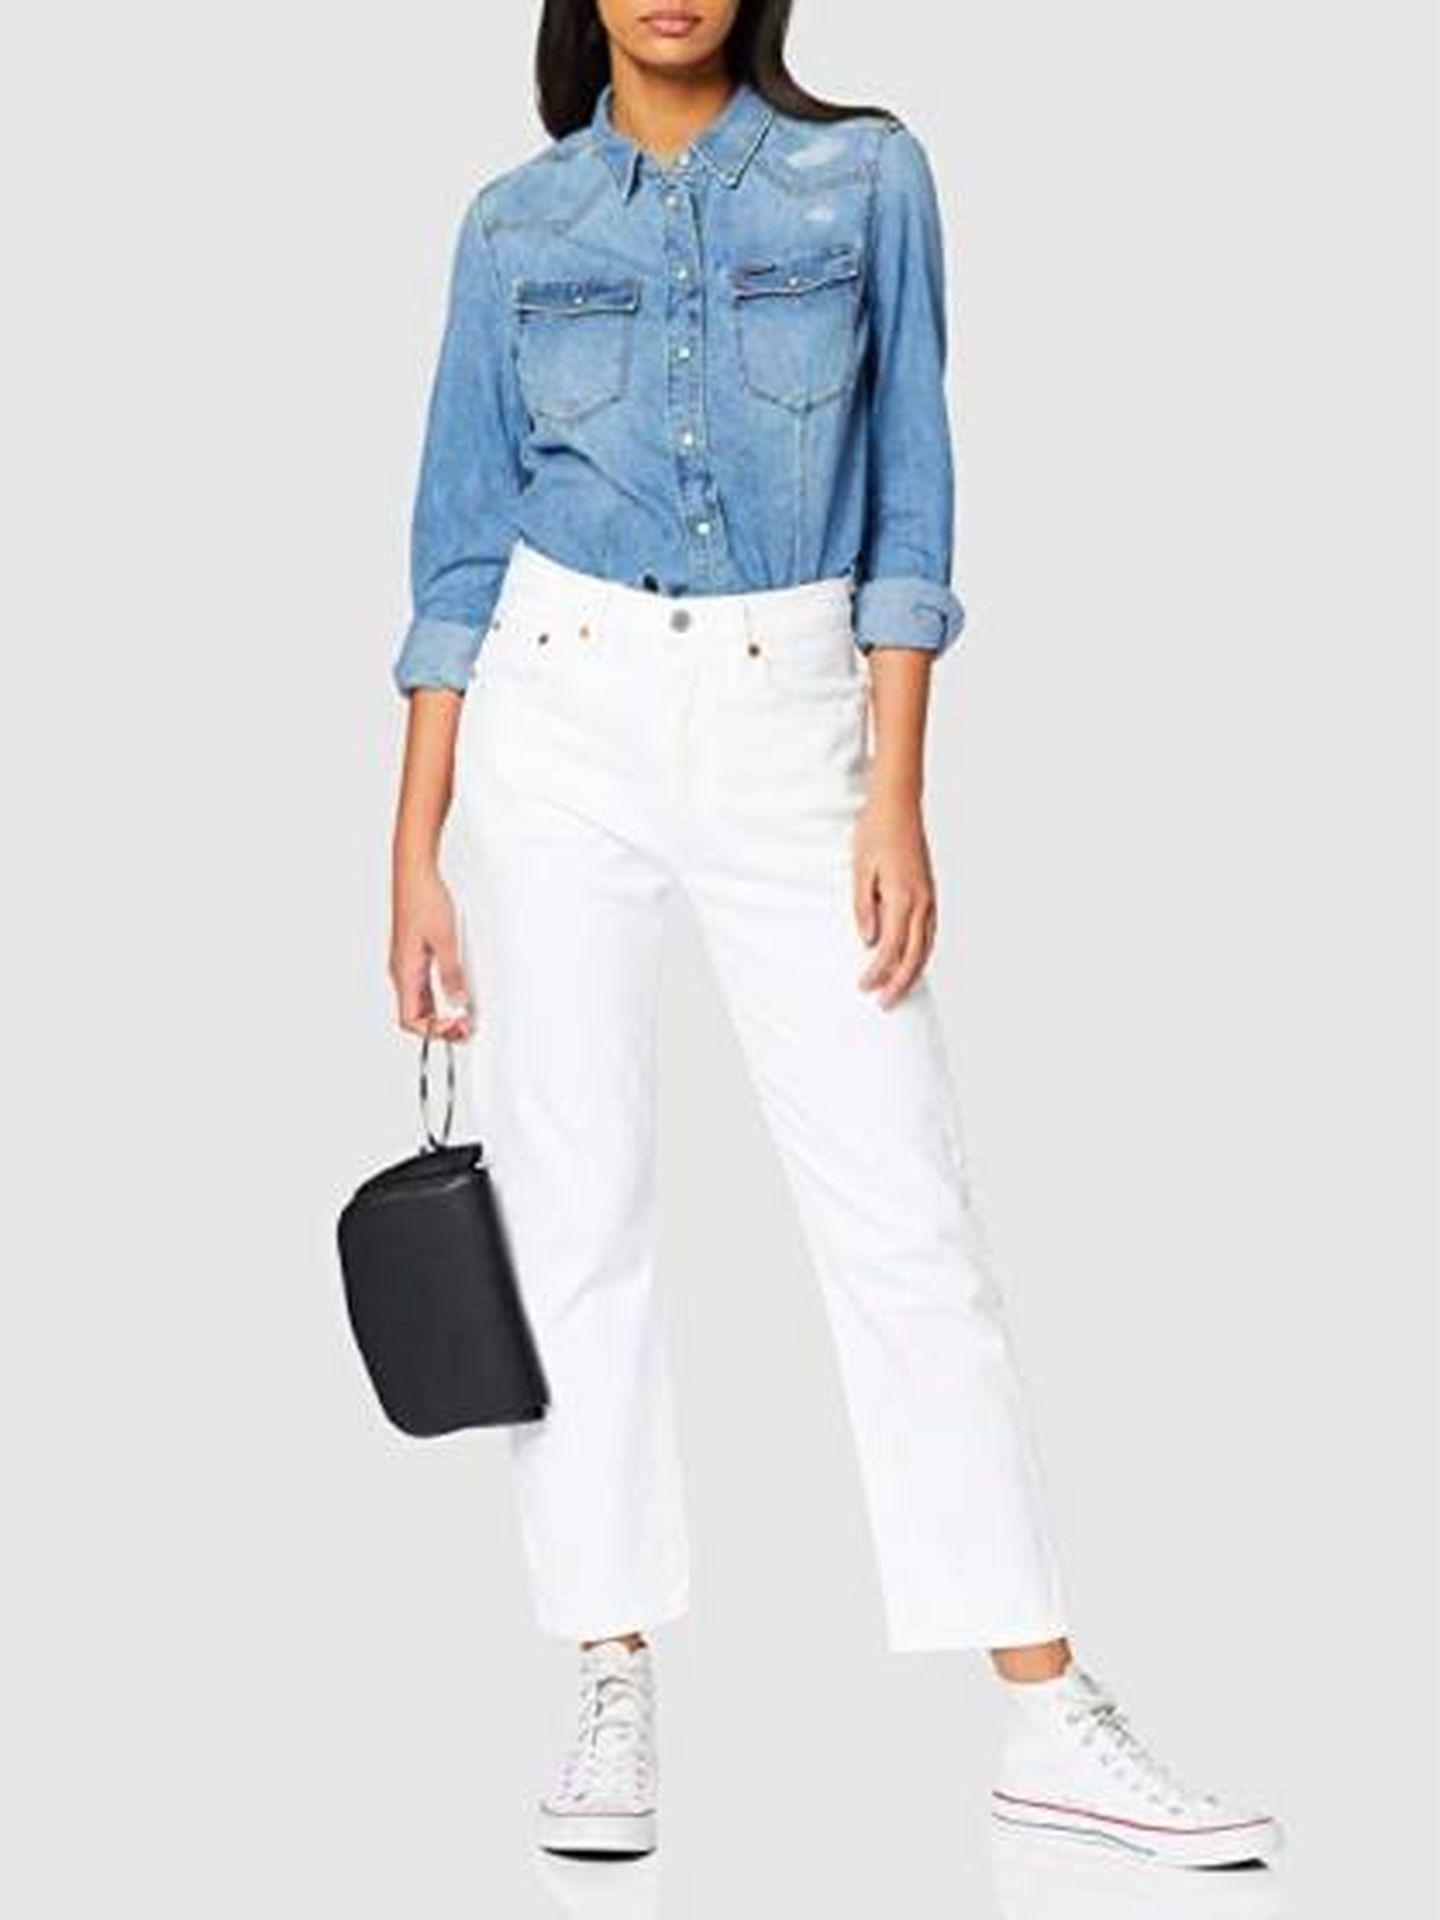 Jeans de Levi's. (Cortesía)